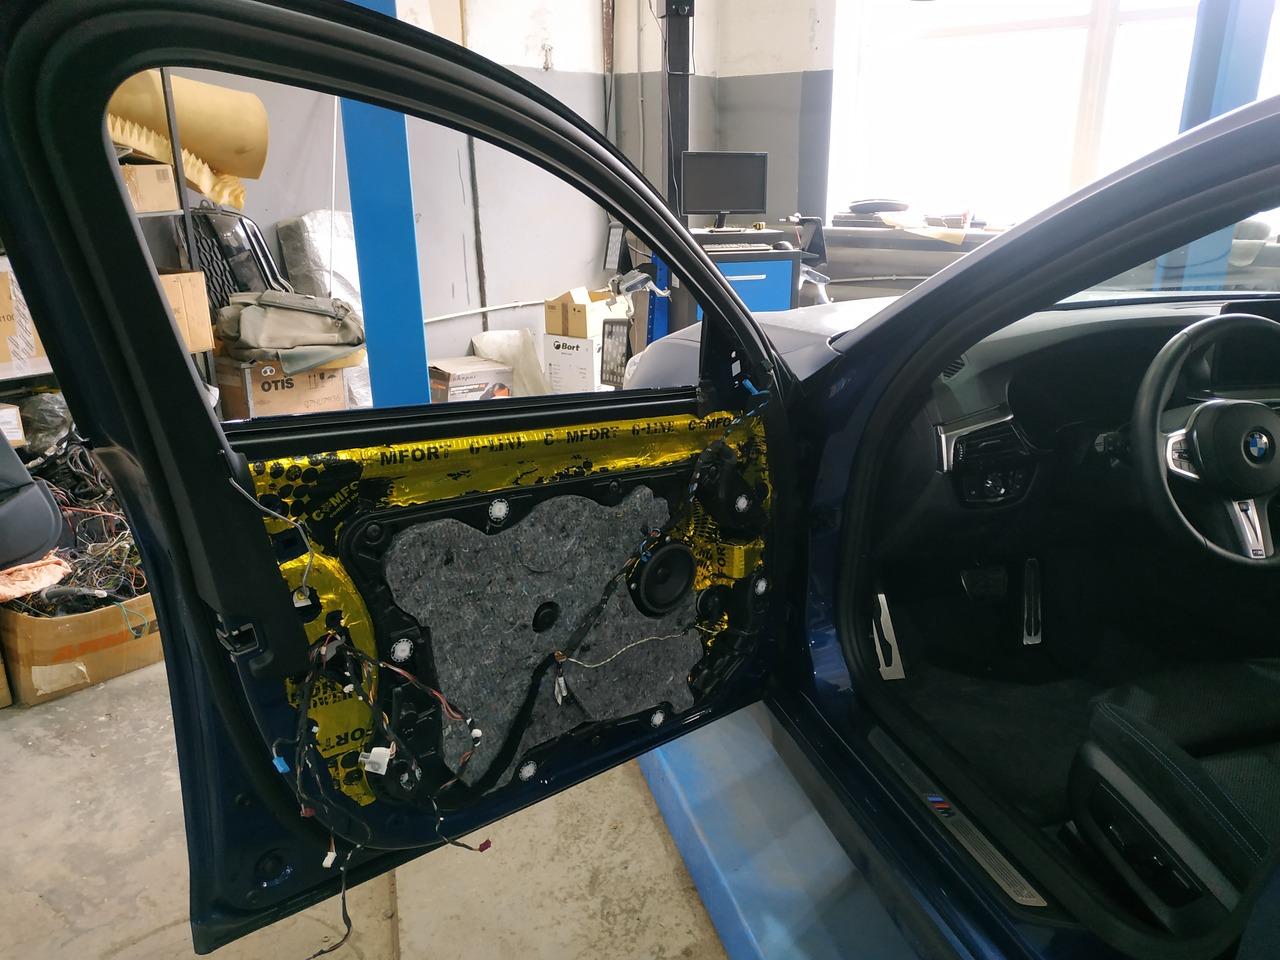 водительская дверь без стекла, BMW G30